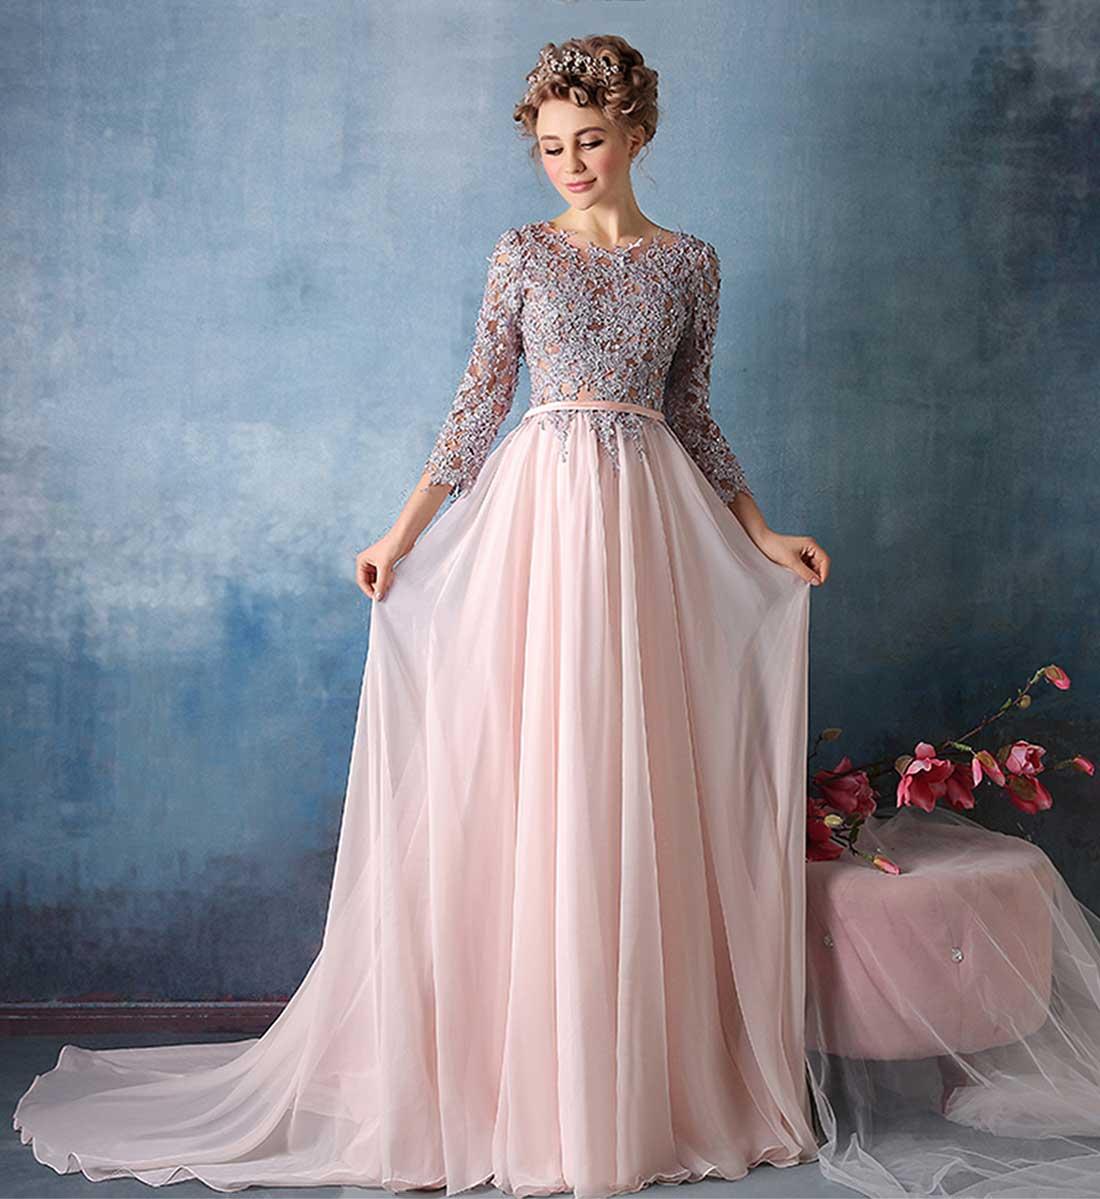 طراحی لباس در ترکیه به افرادی نیاز دارد که خلاق و ایده پرداز باشد